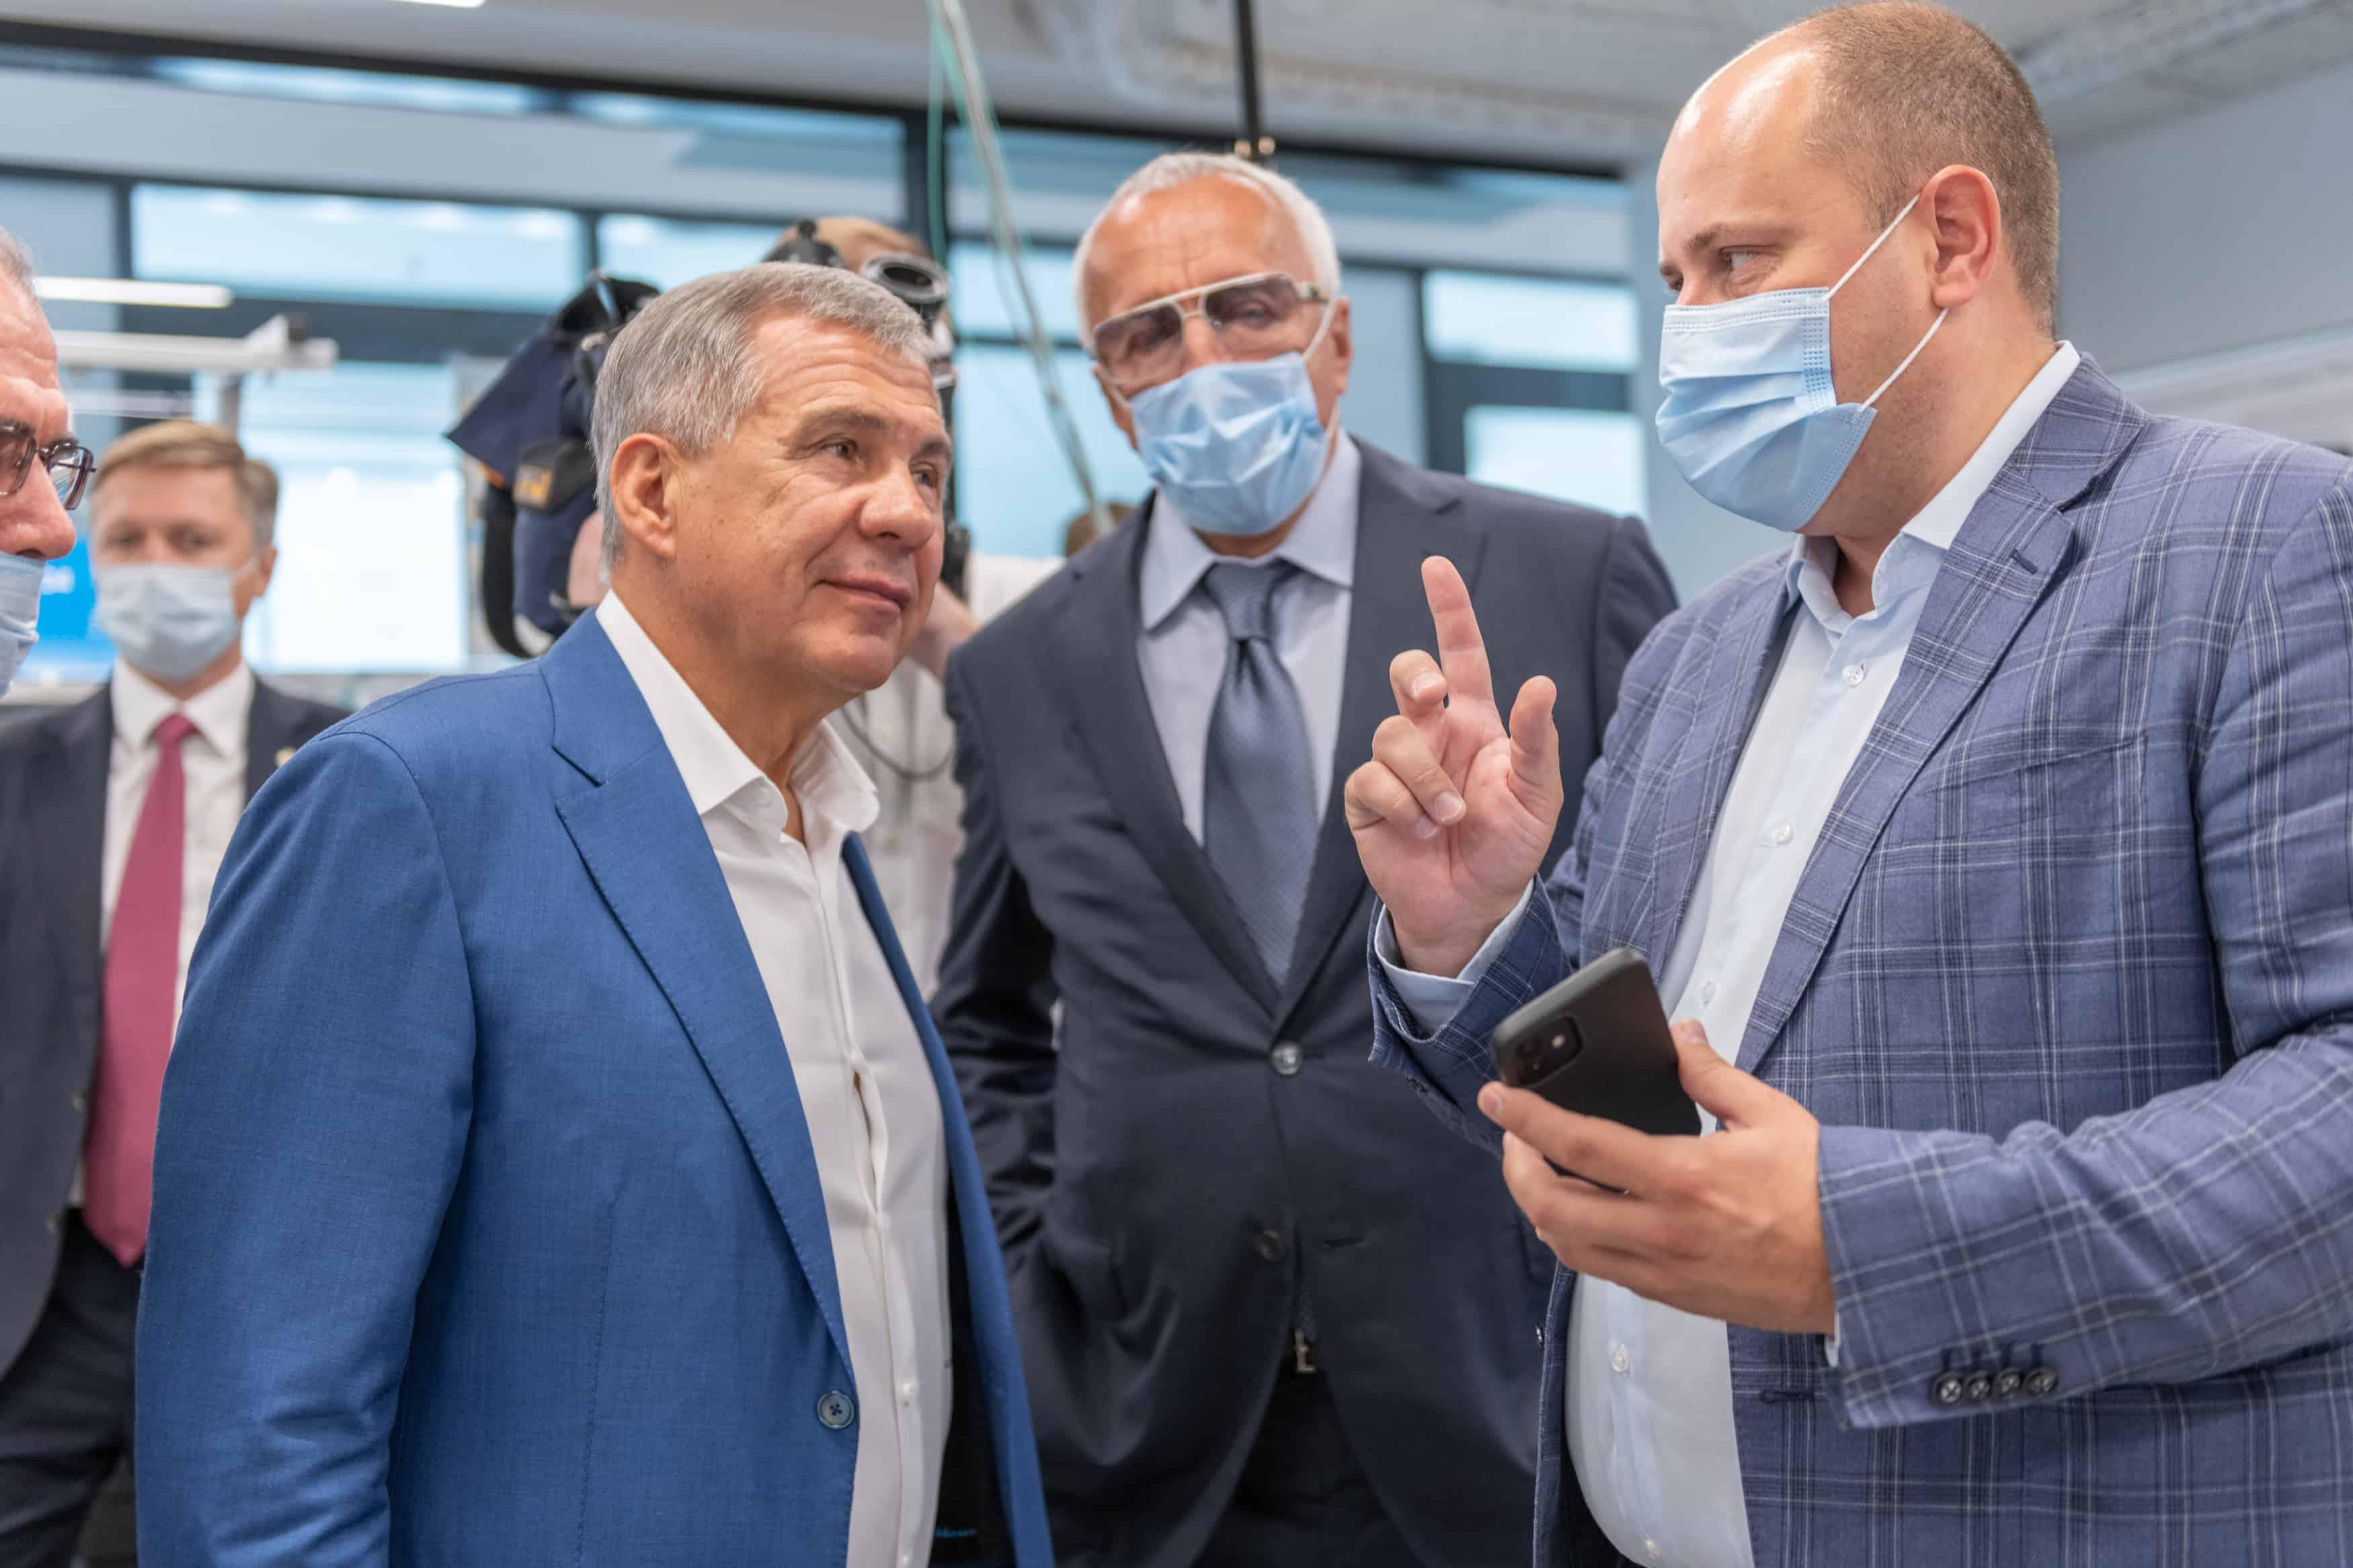 В ходе визита в Сколтех президент Татарстана Рустам Нургалиевич Минниханов посетил 5G-лабораторию Центра компетенций НТИ по технологиям беспроводной связи и интернета вещей. Руководитель ЦК НТИ Дмитрий Лаконцев рассказал гостю о…